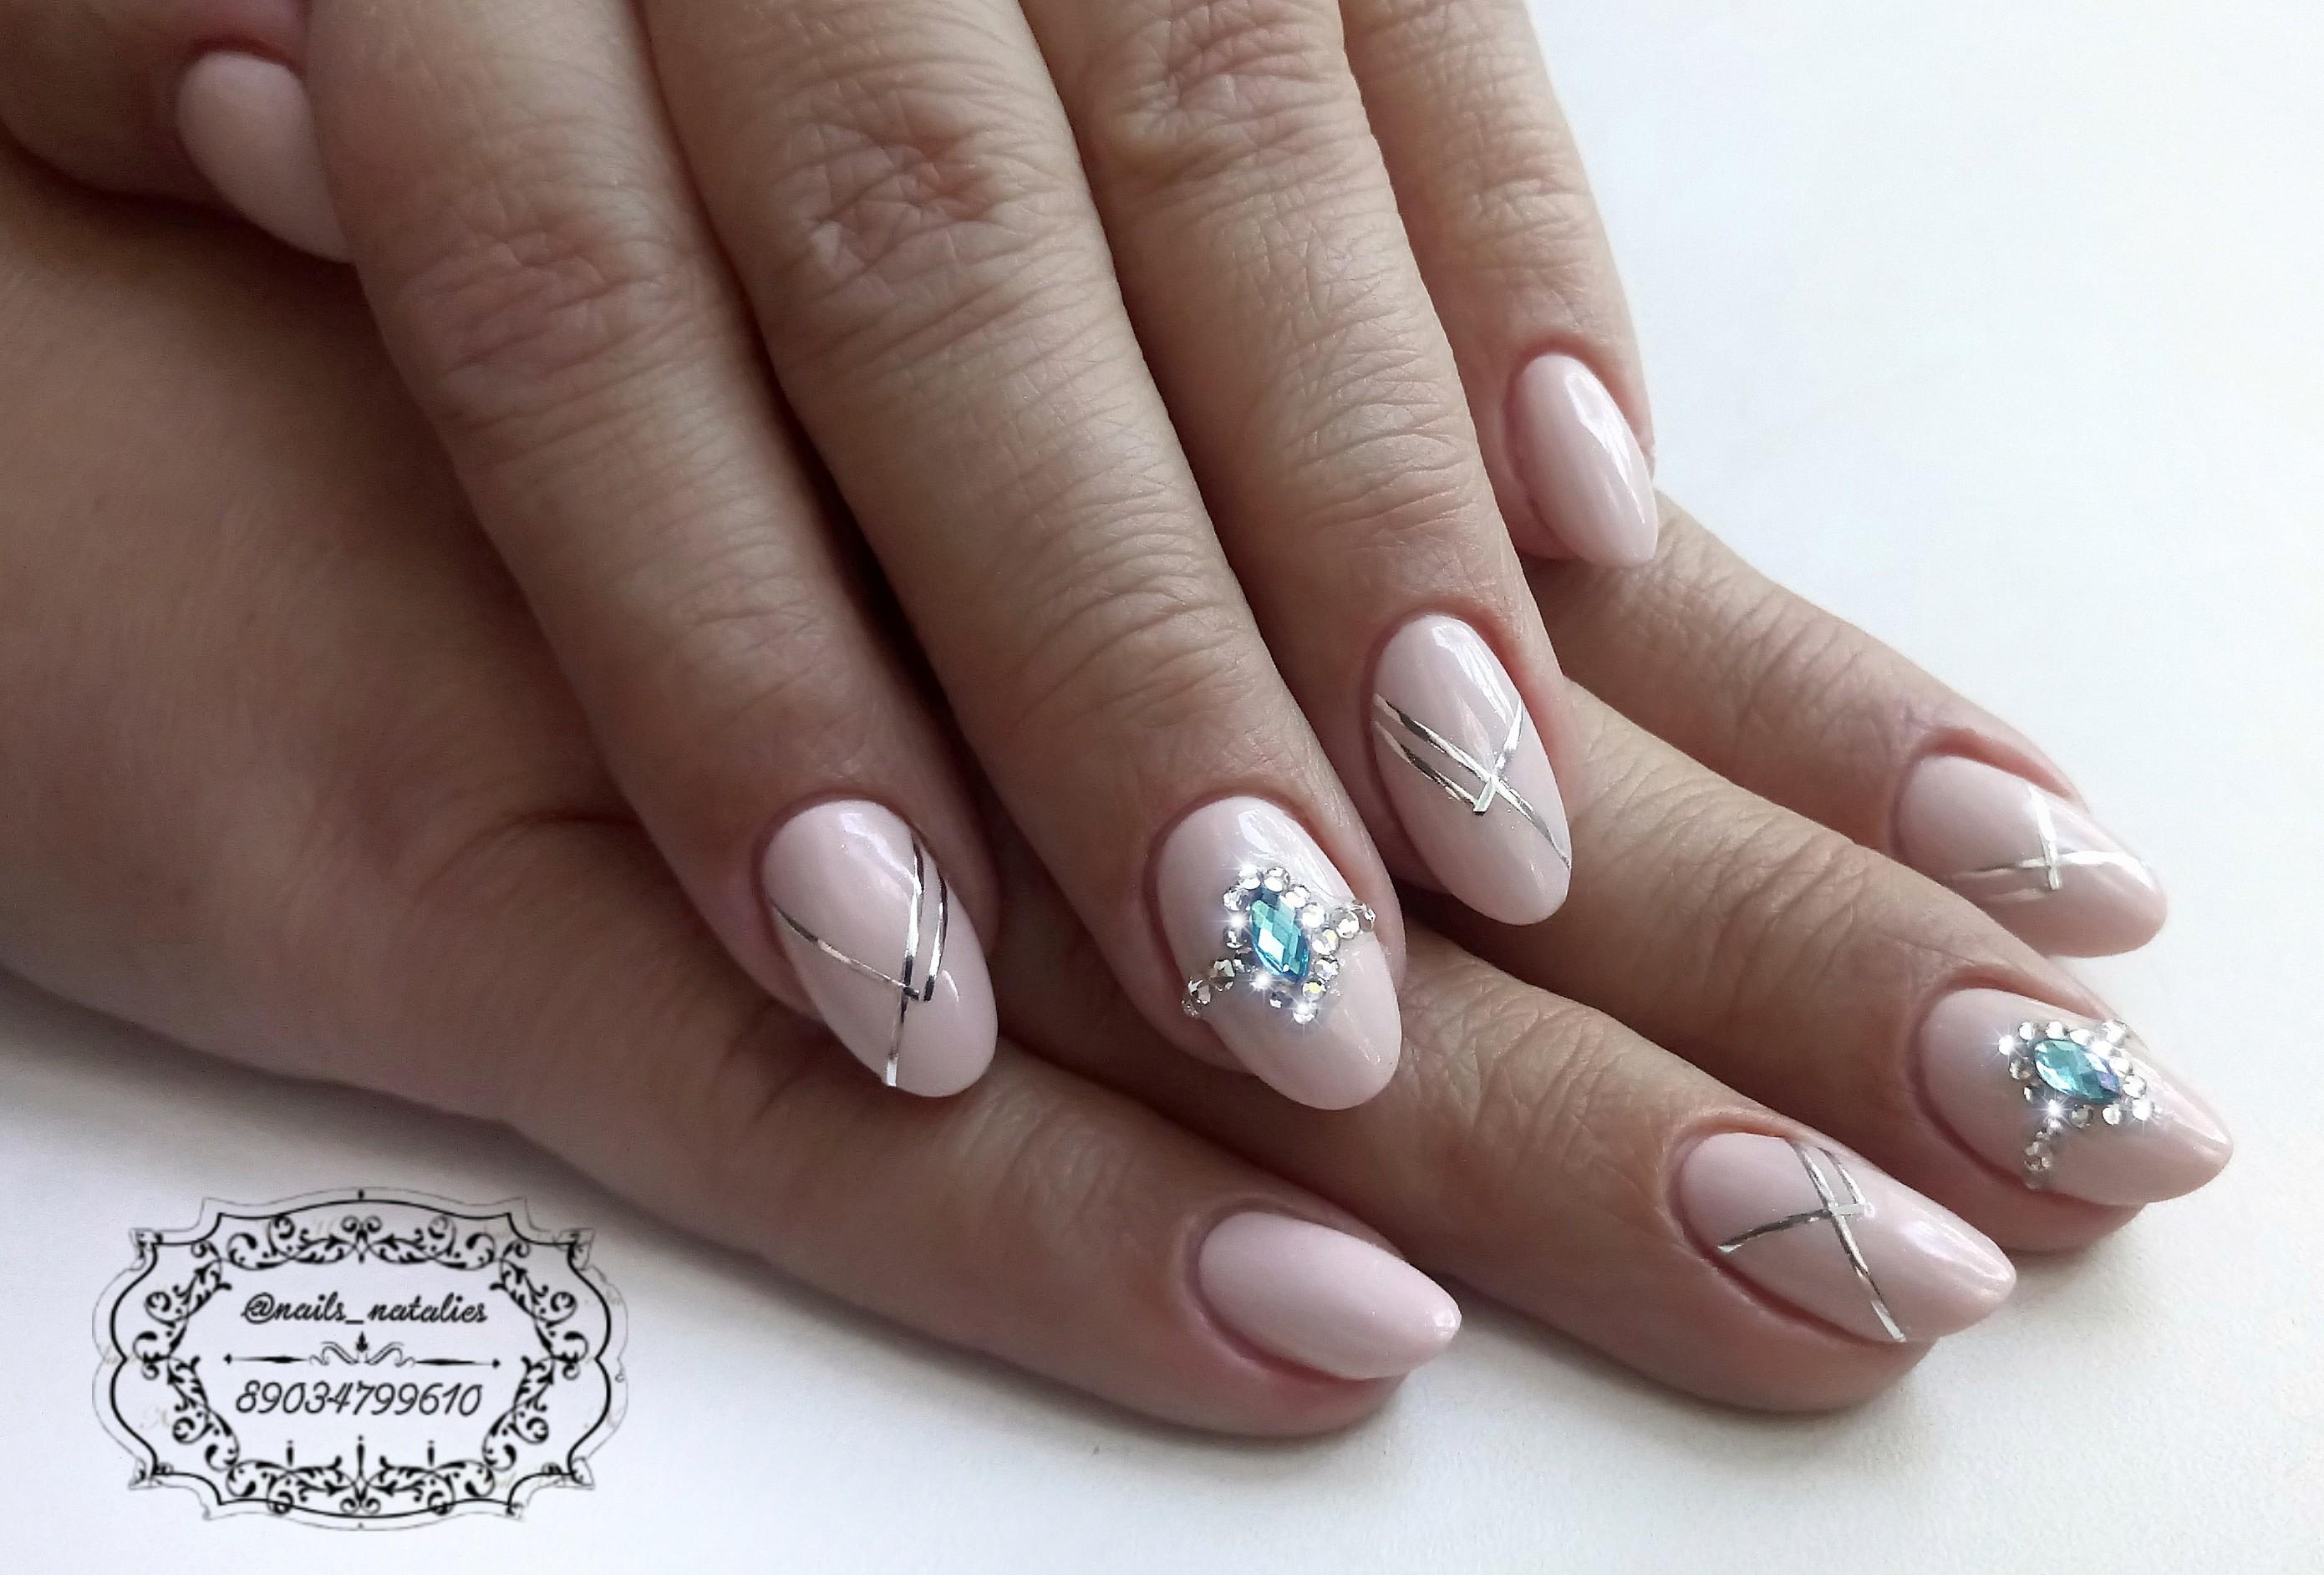 Маникюр в нежном розовом цвете с серебряным полосками и цветными стразами.